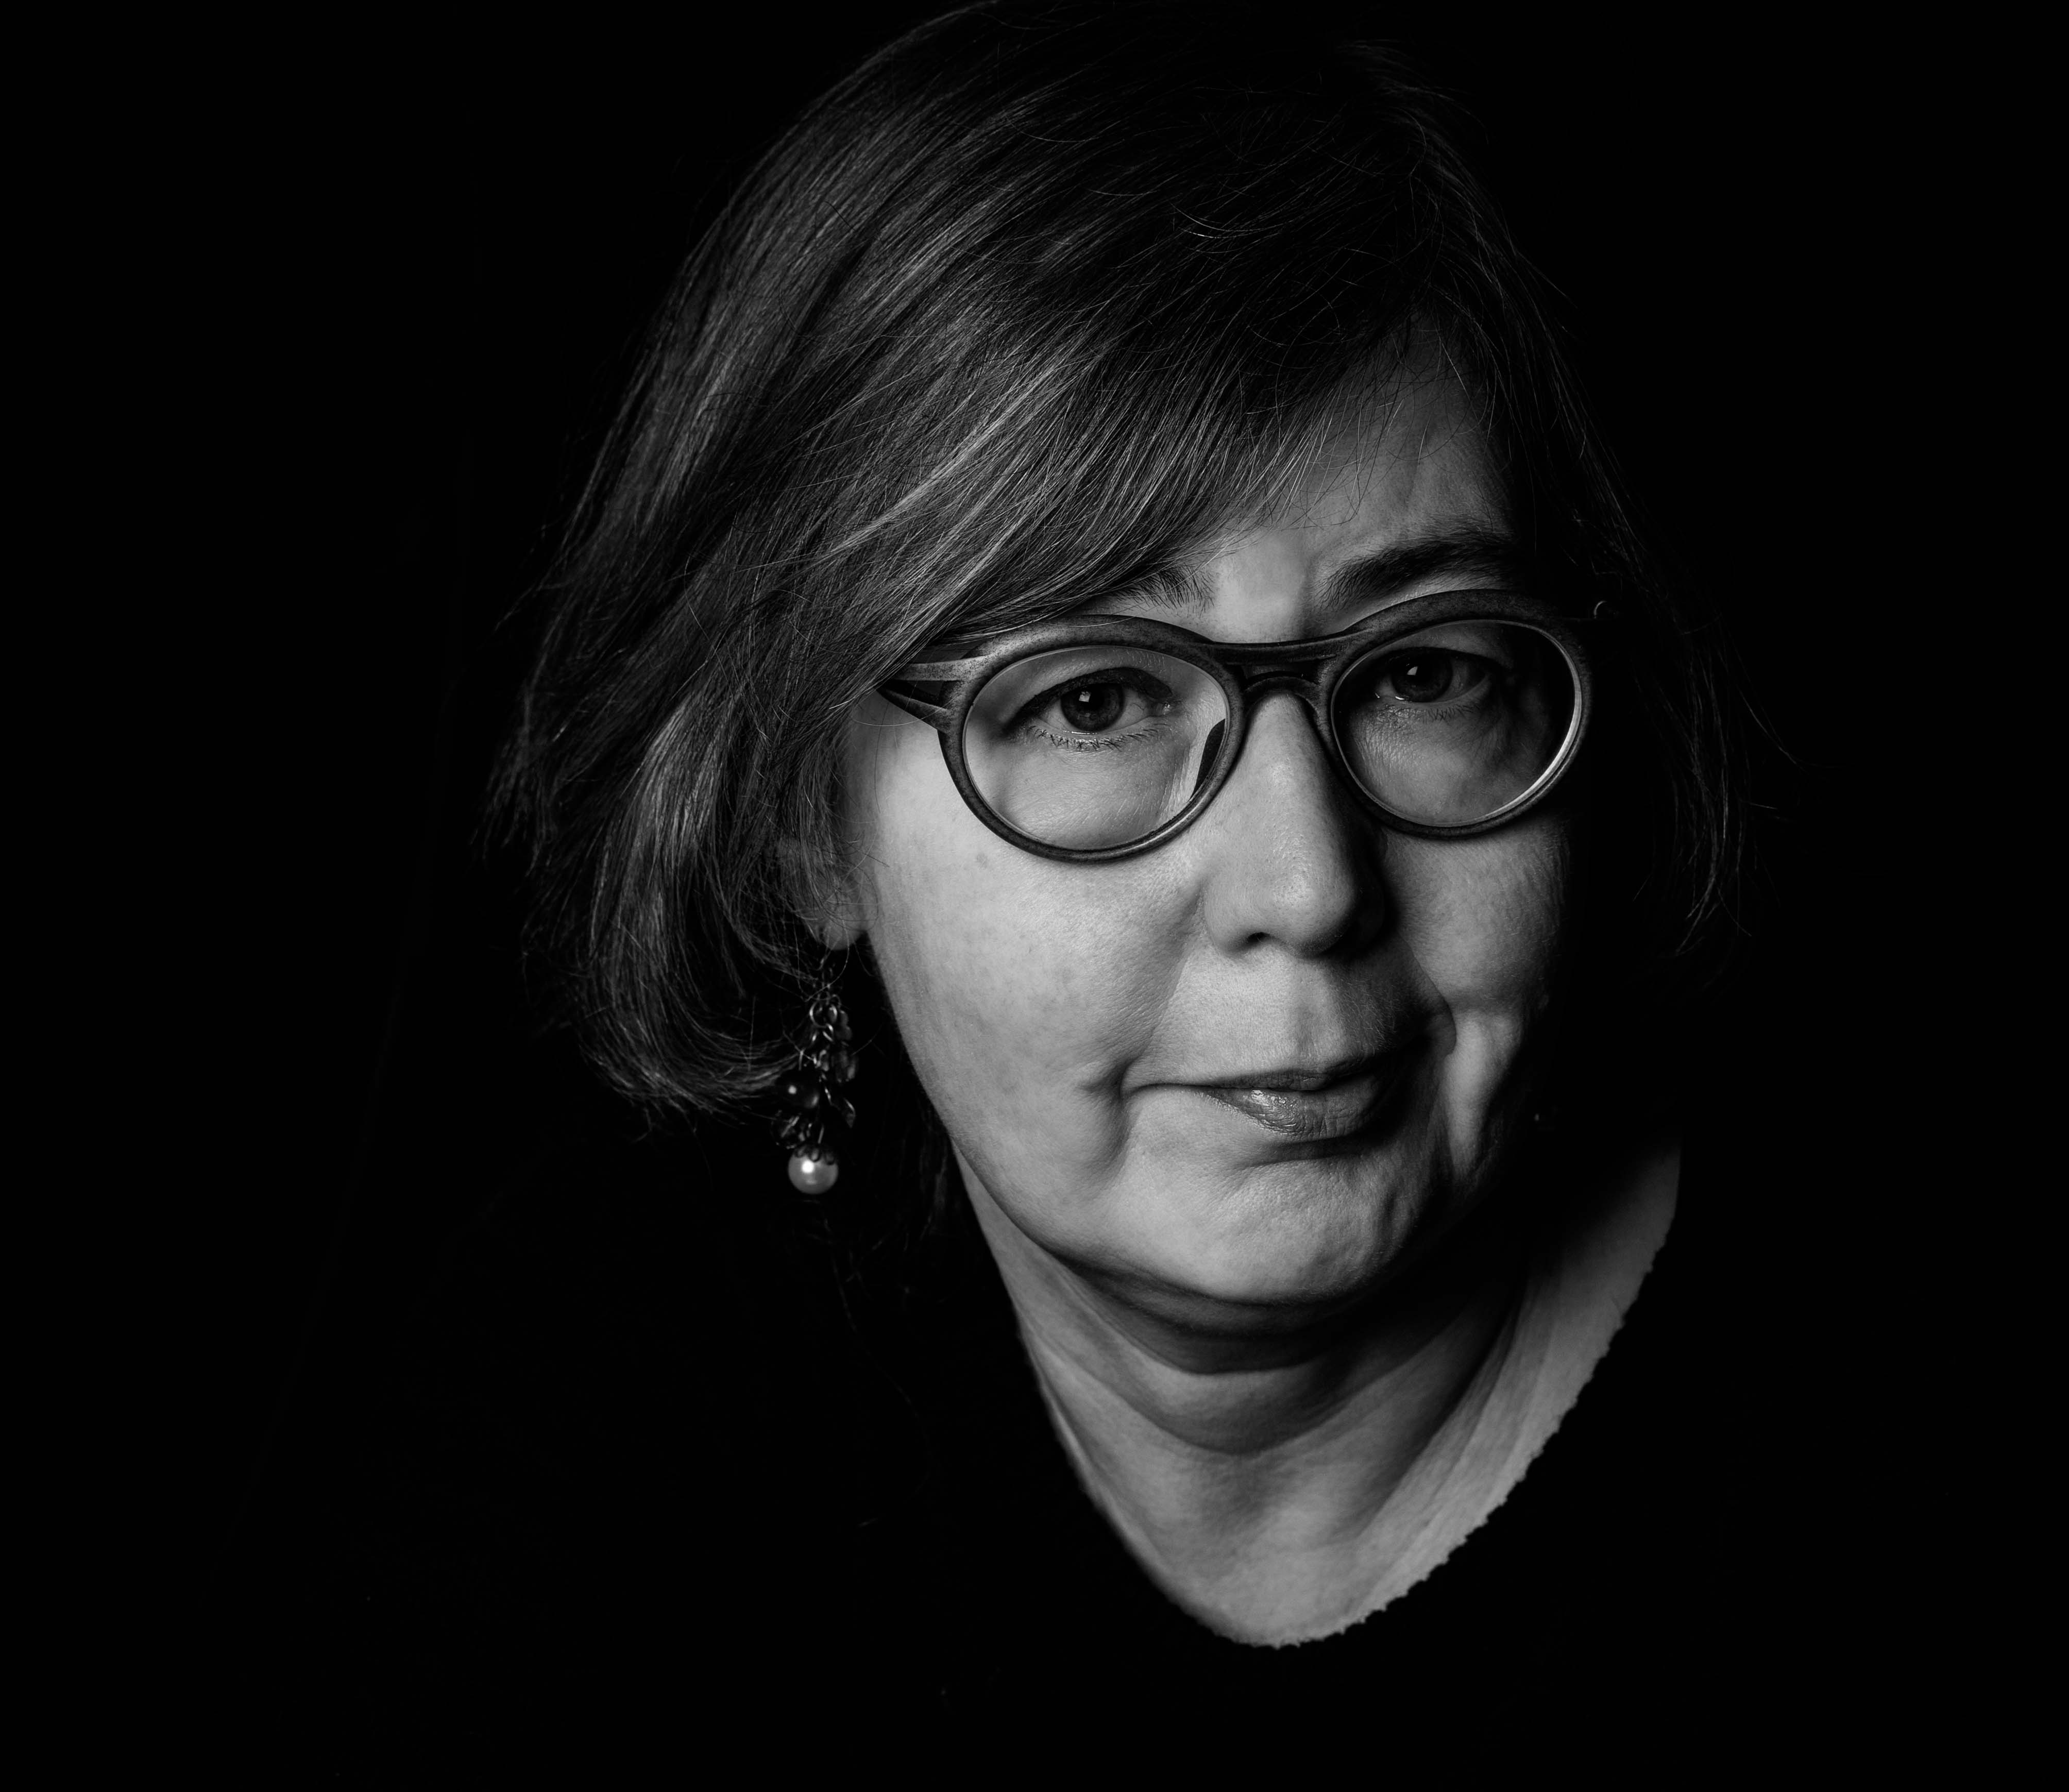 Vos & Haas - Sylvia Vanden Heede